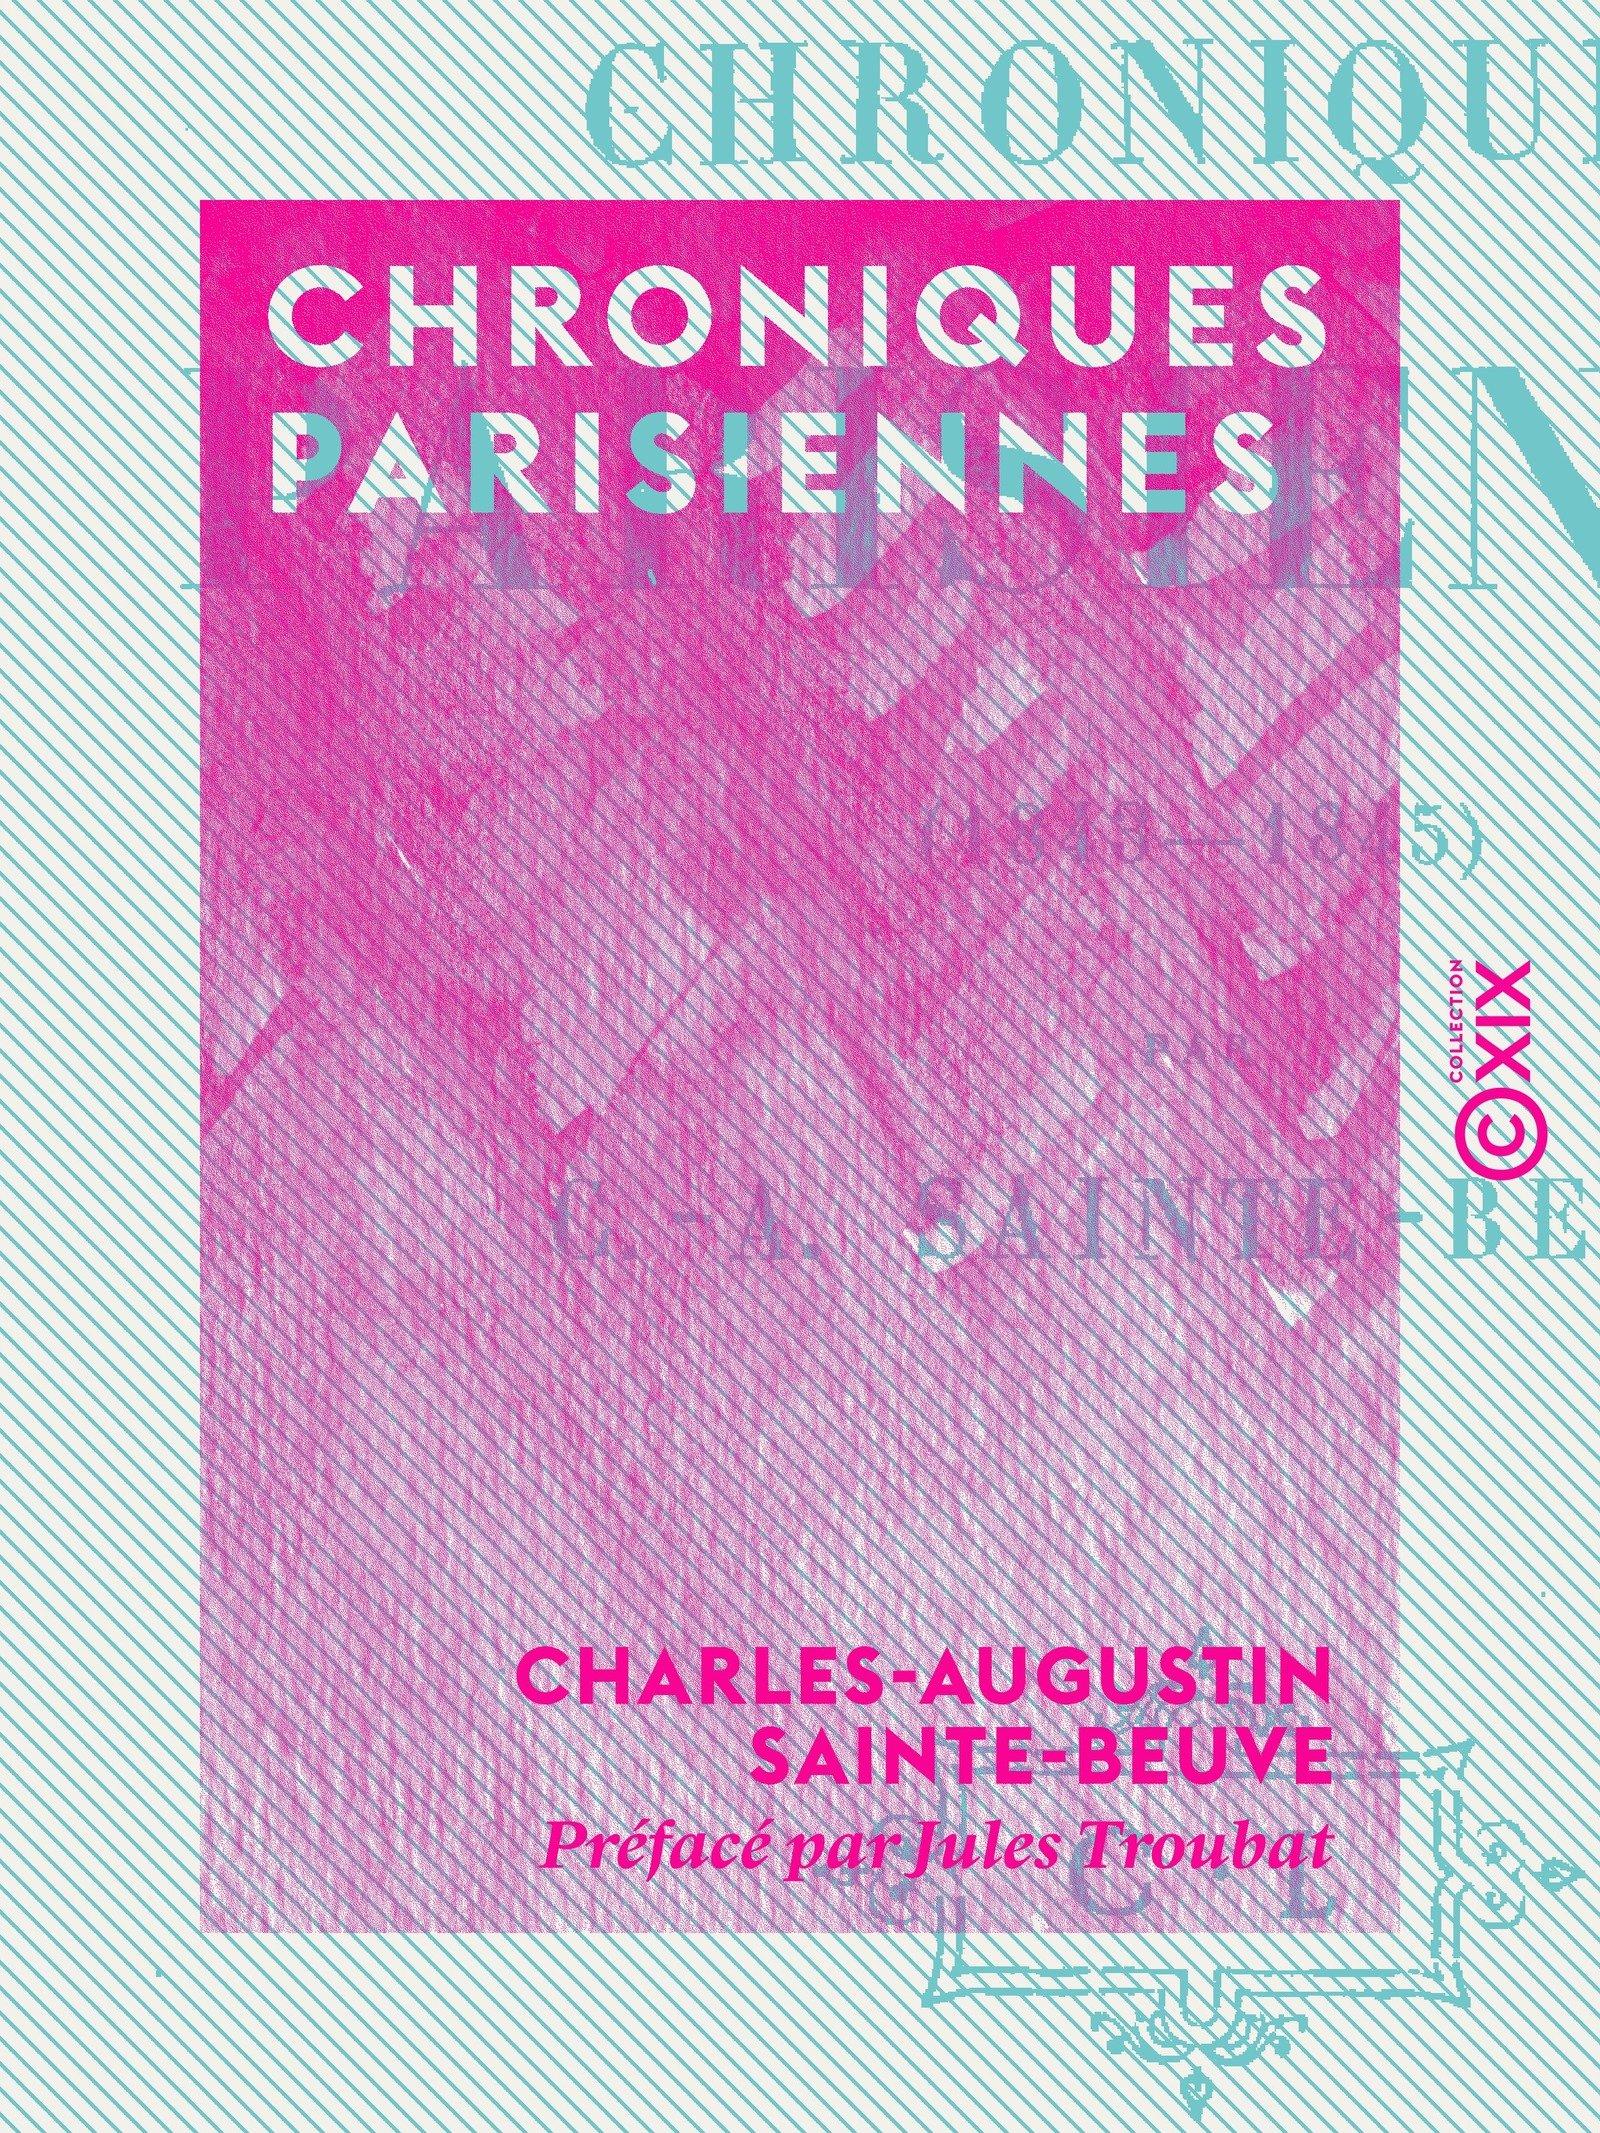 Chroniques parisiennes (1843-1845)